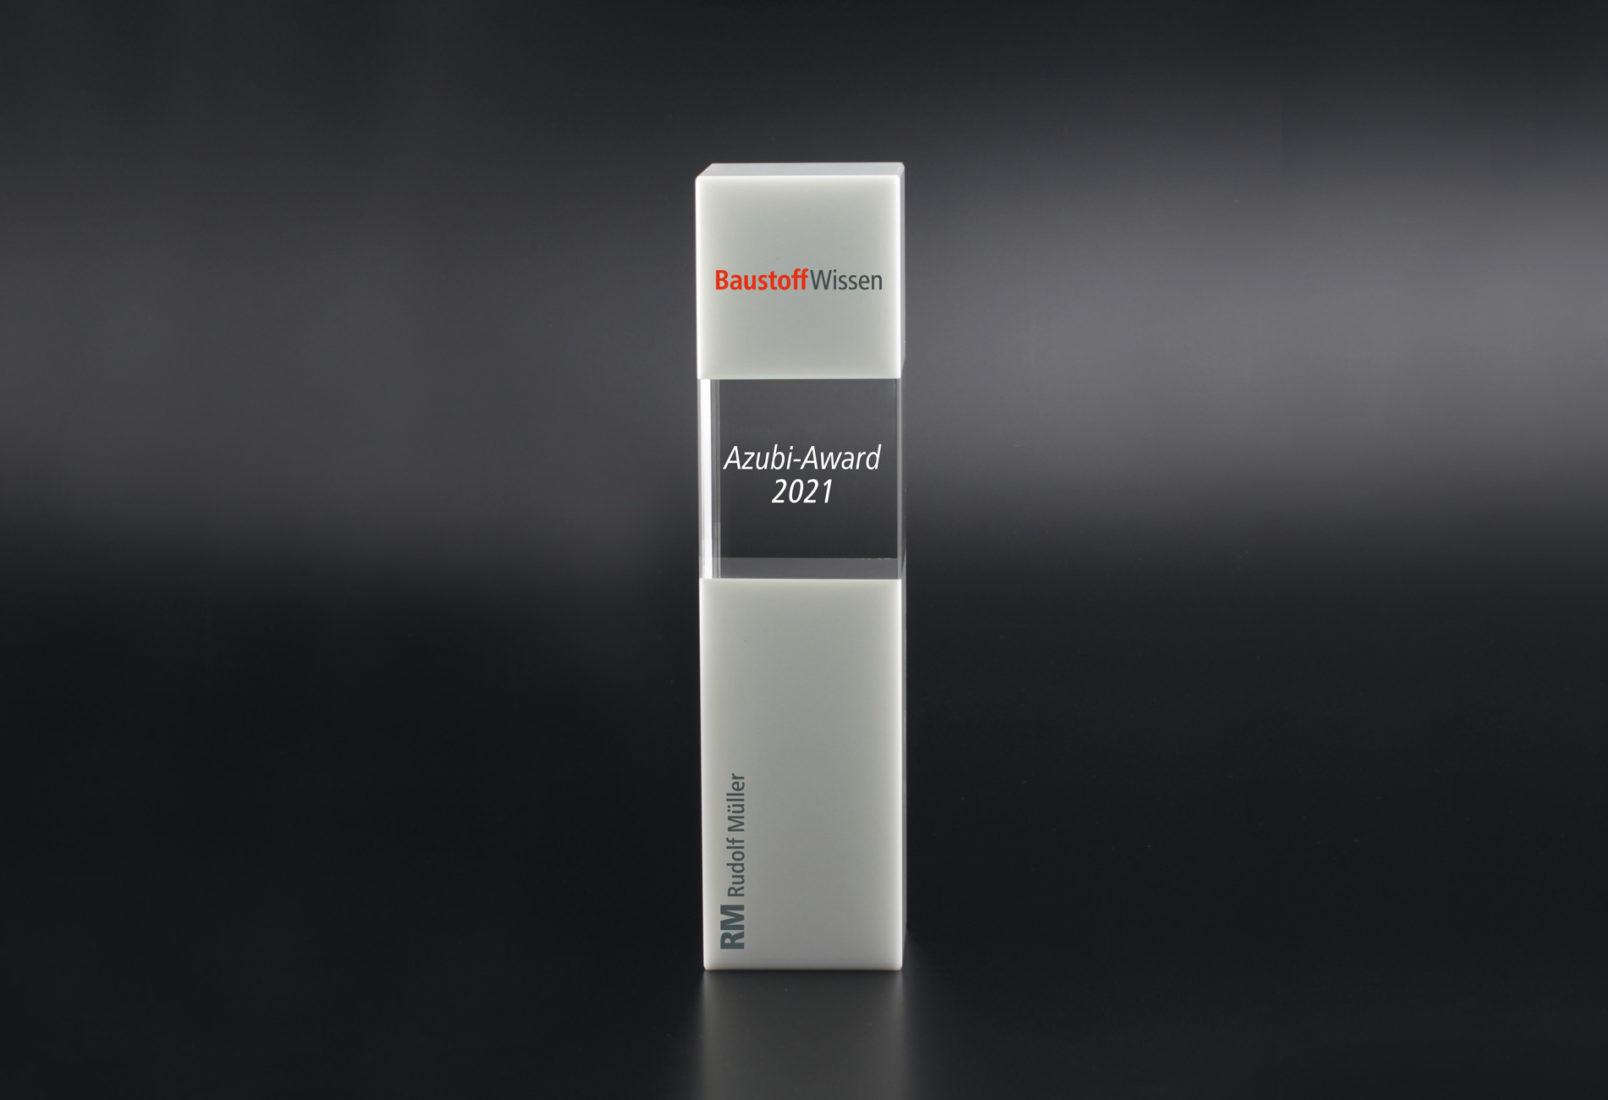 BaustoffWissen Azubi-Award 2021.